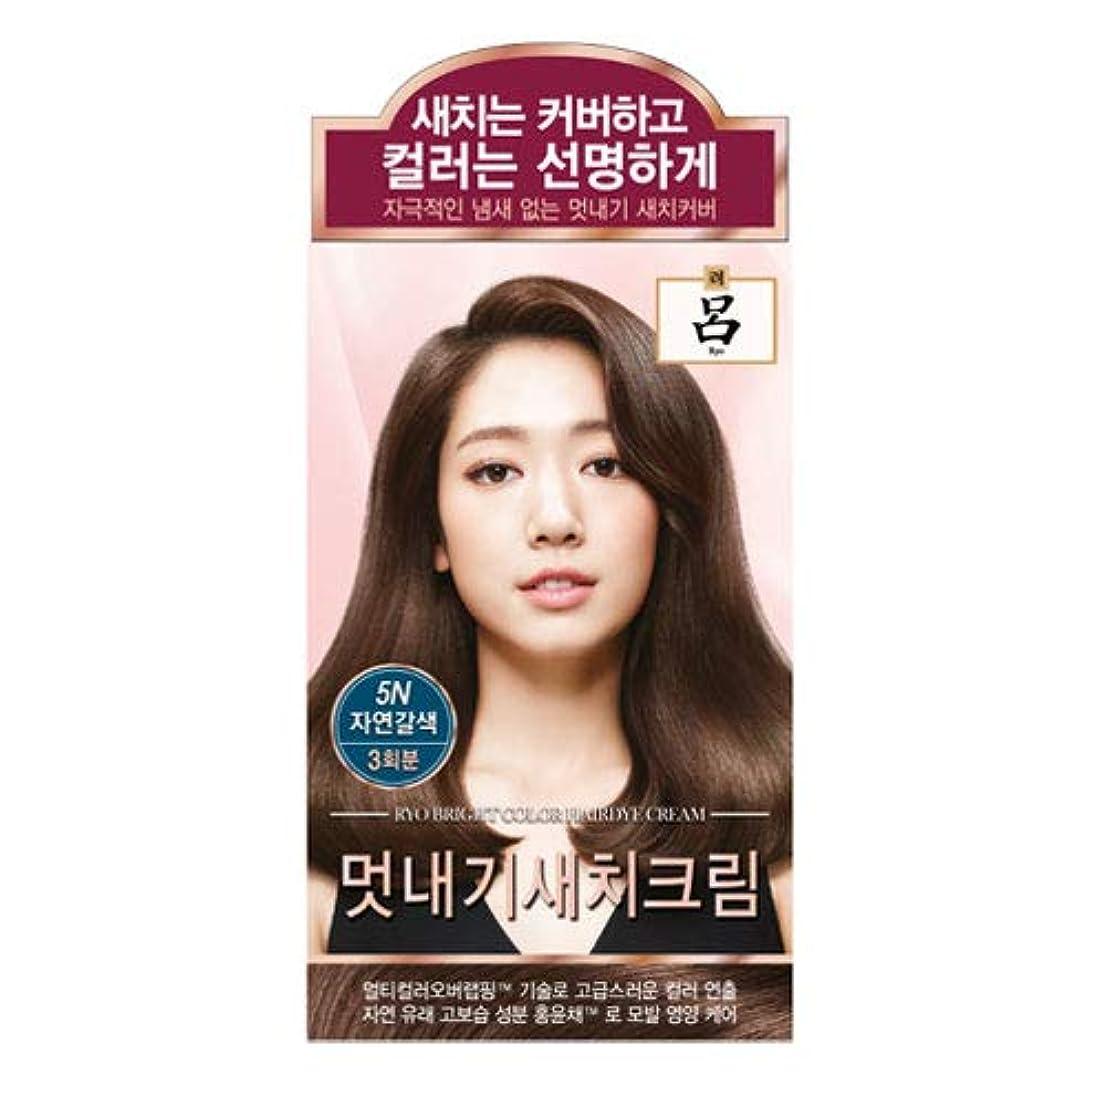 配管苛性たらいアモーレパシフィック呂[AMOREPACIFIC/Ryo] ブライトカラーヘアアイクリーム 5N ナチュラルブラウン/Bright Color Hairdye Cream 5N Natural Brown